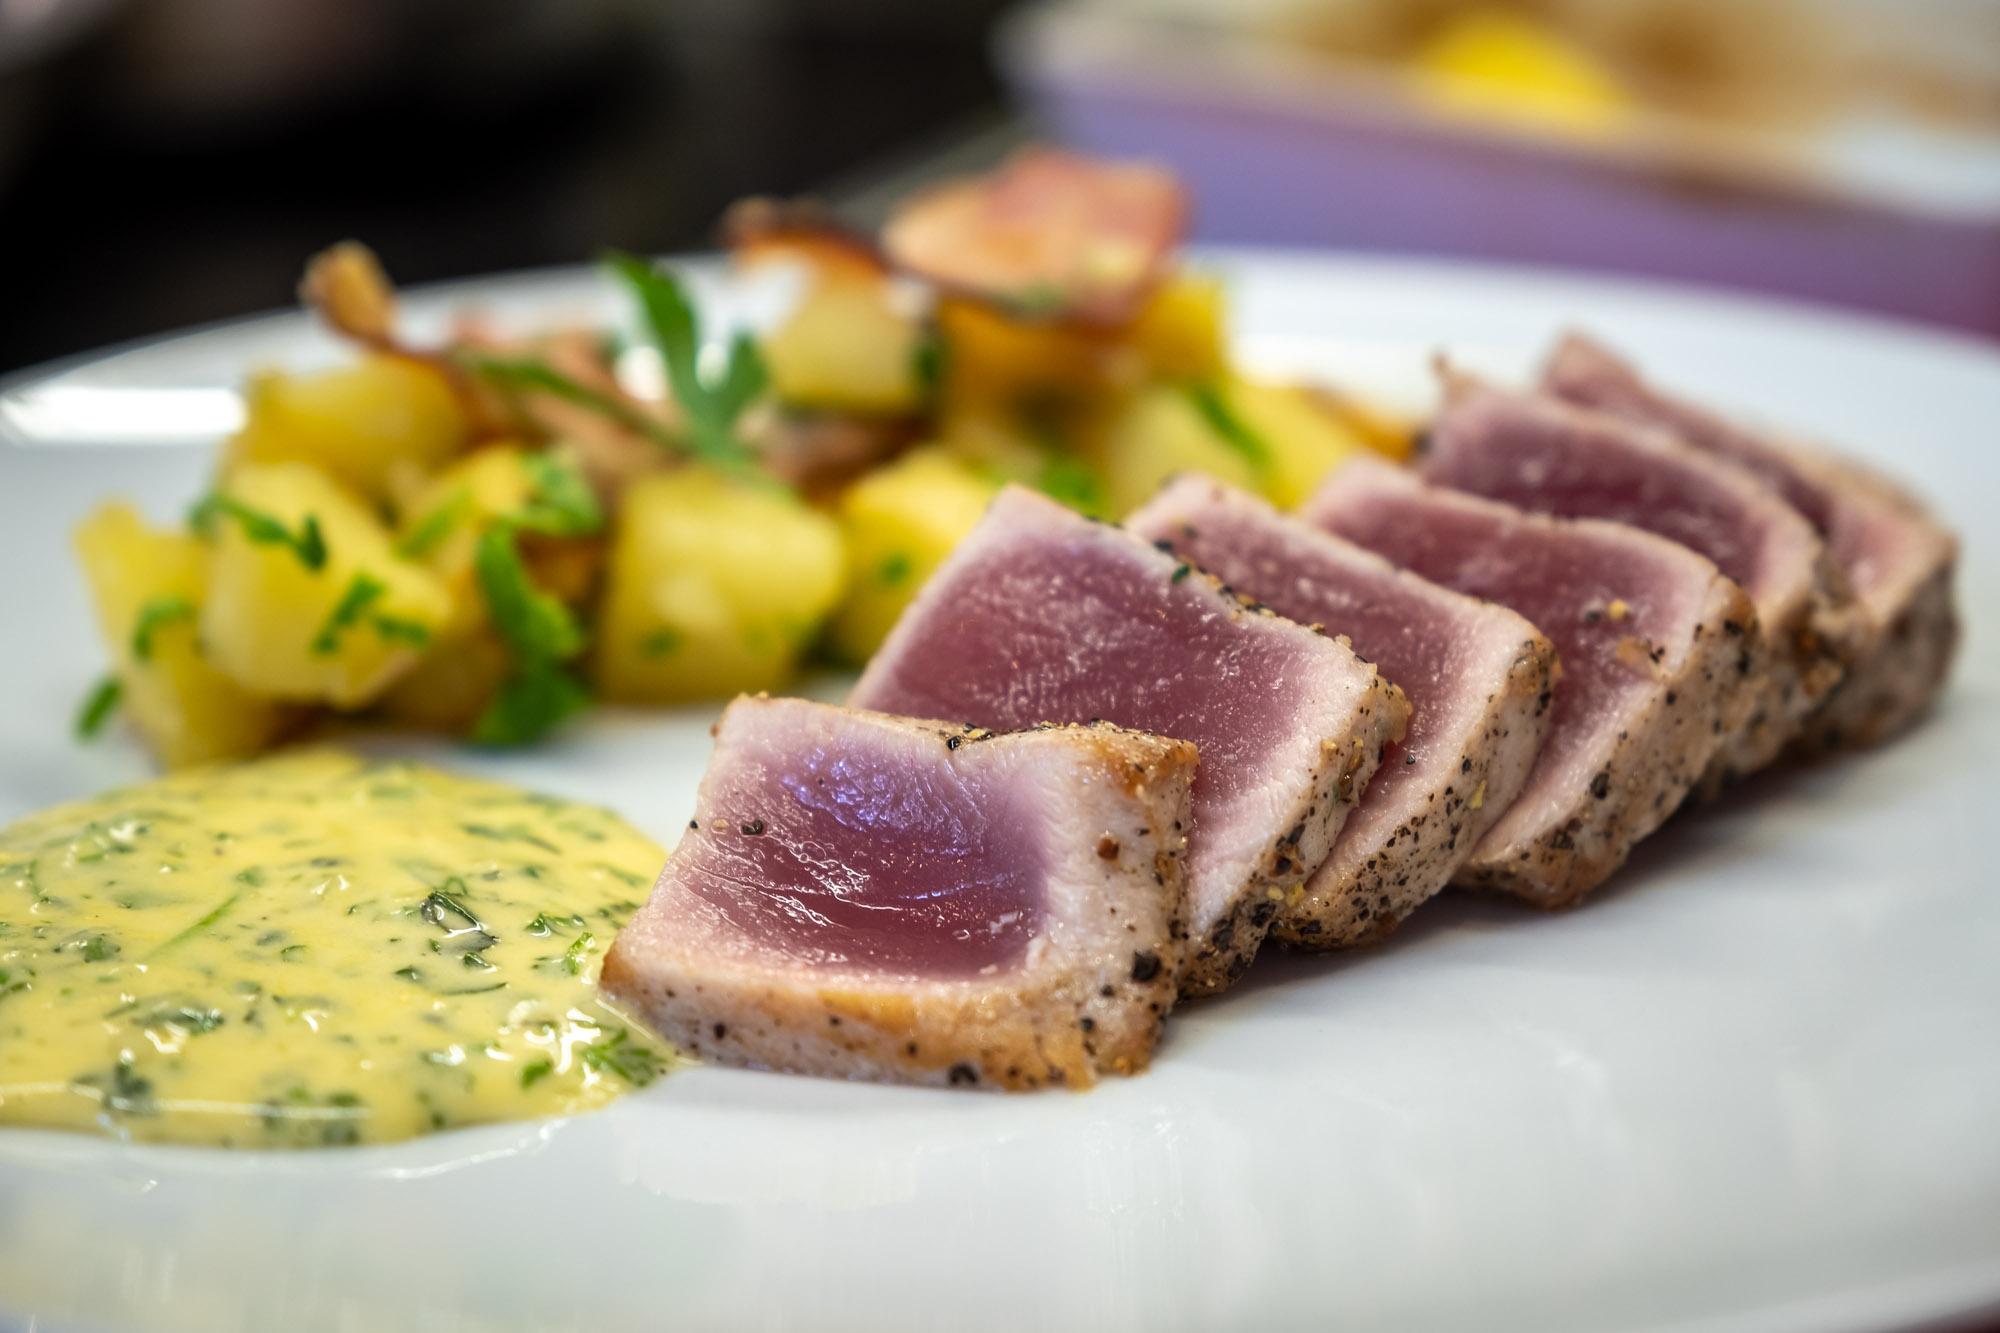 Steak z tuňáka s omáčkou Bernaise, pekařské brambory